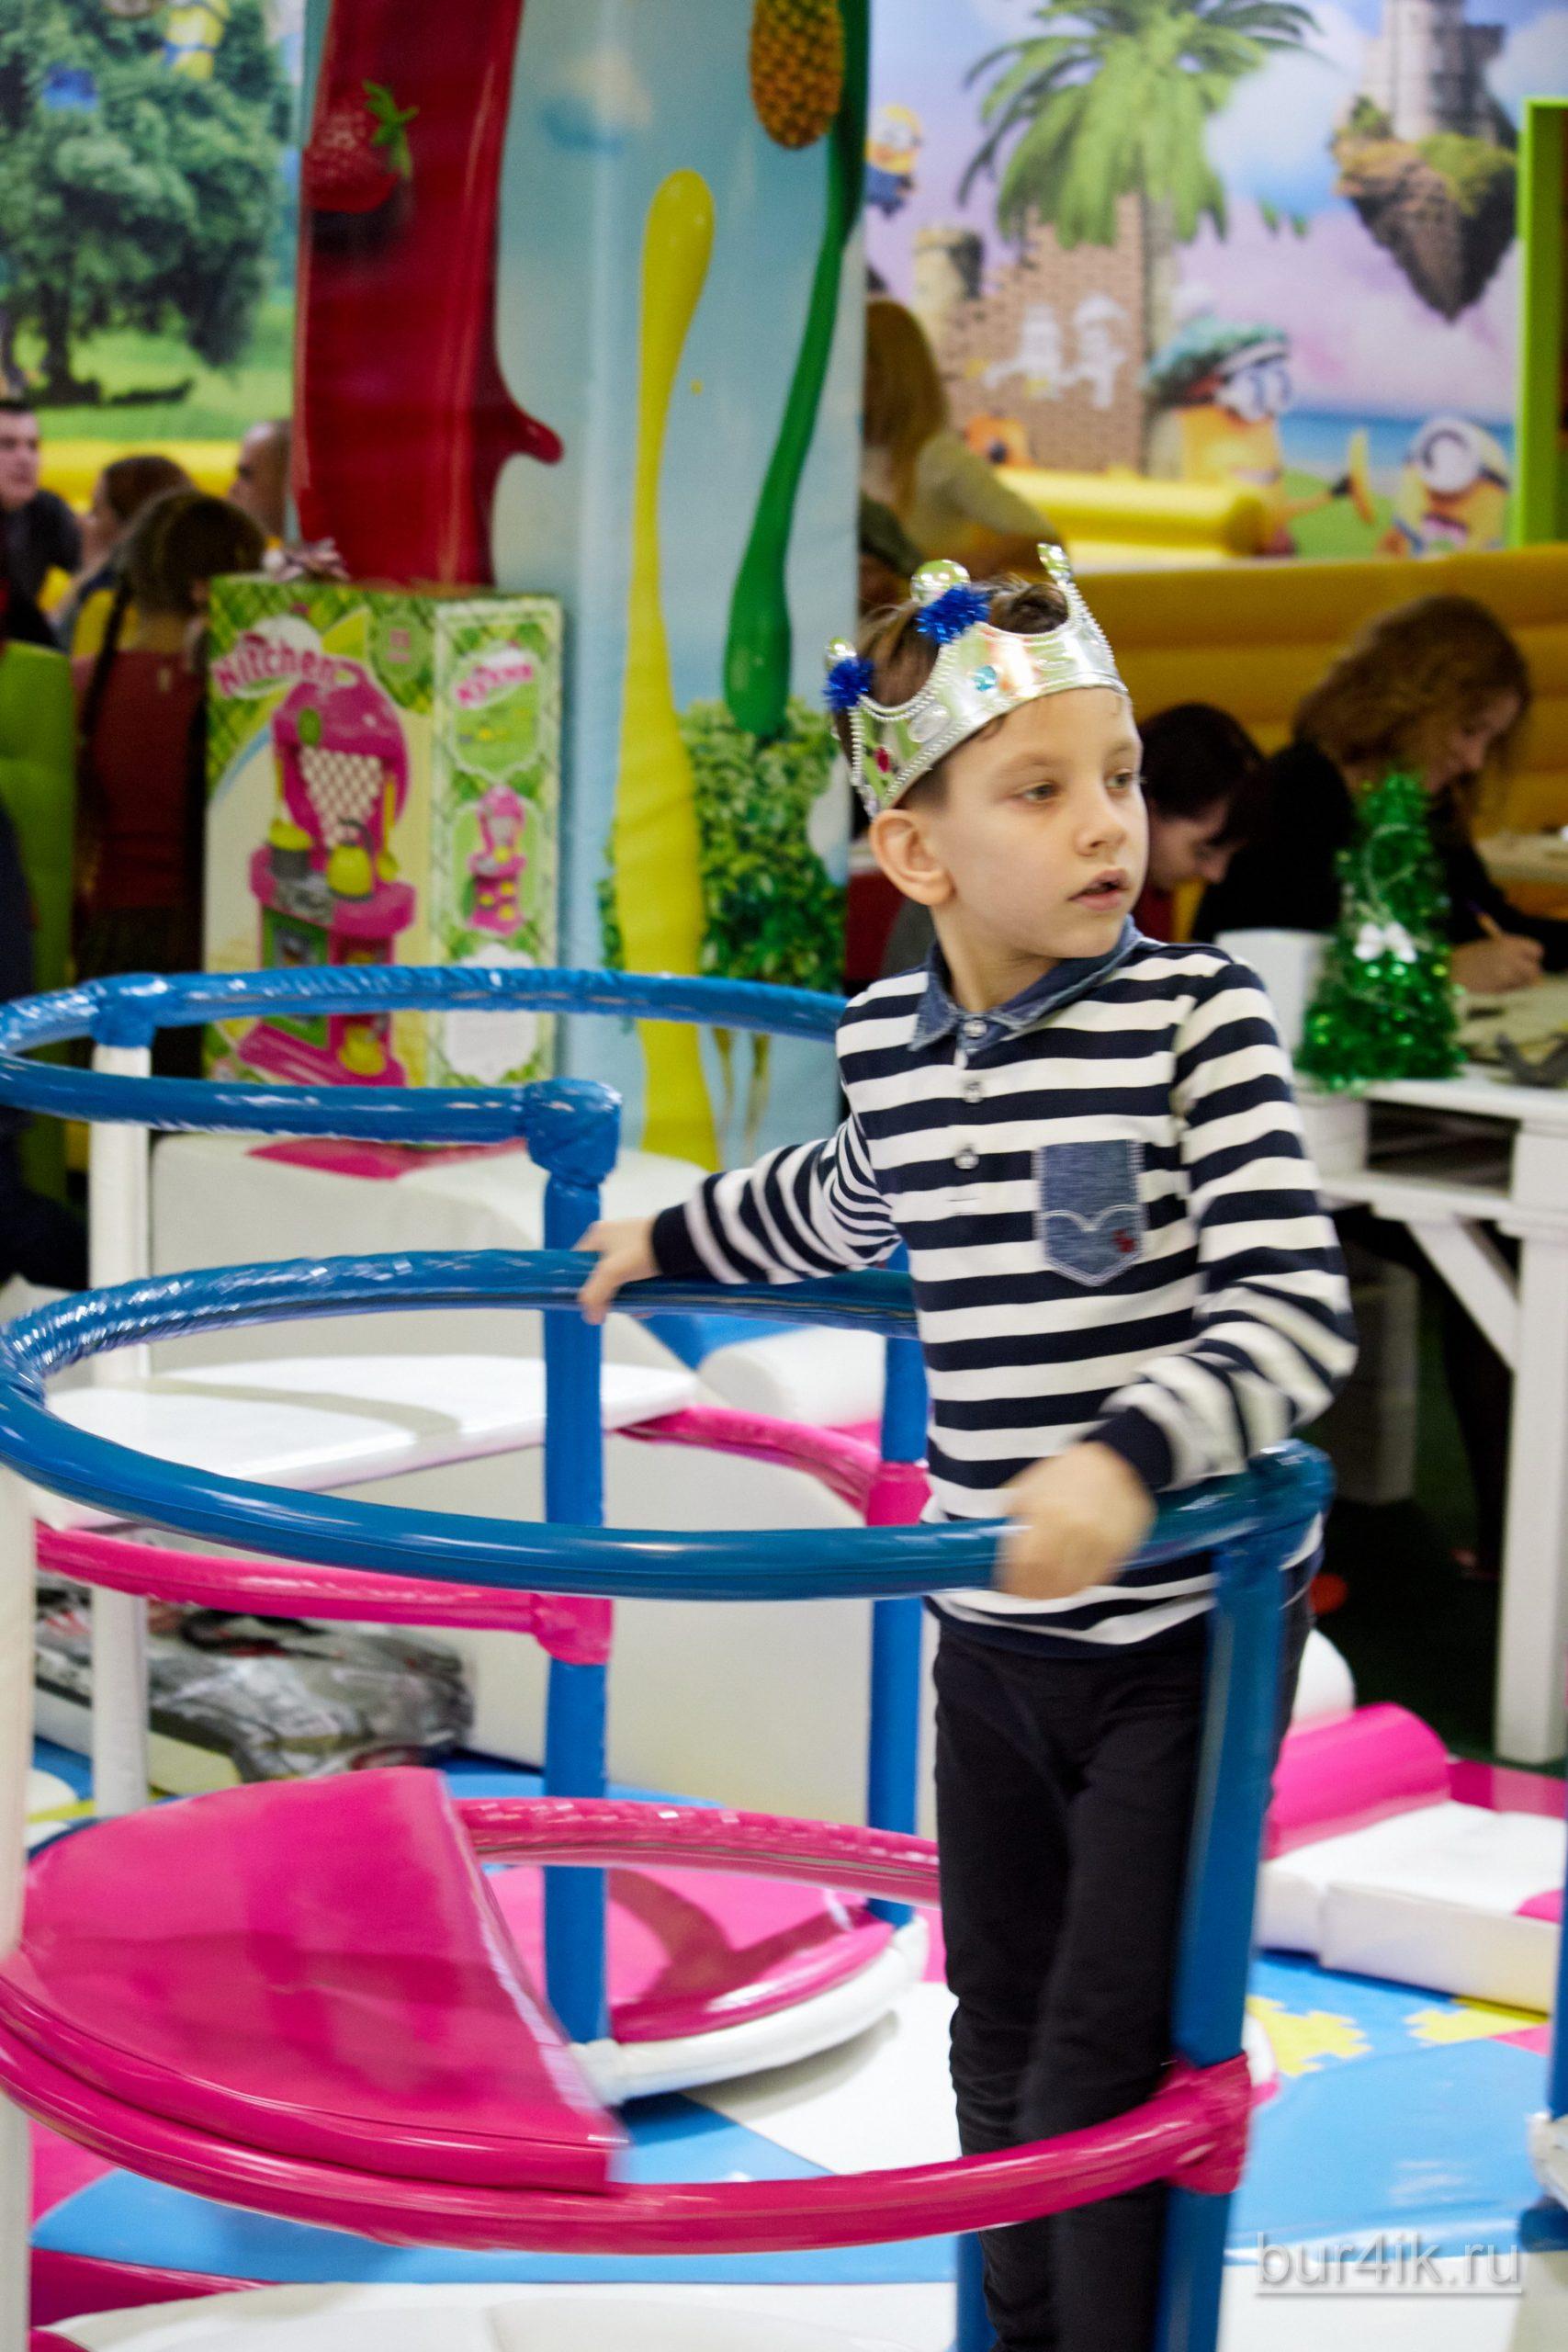 Фото Детское День Рождения в Детский Дворик 15.01.2020 №271 -photo- bur4ik.ru